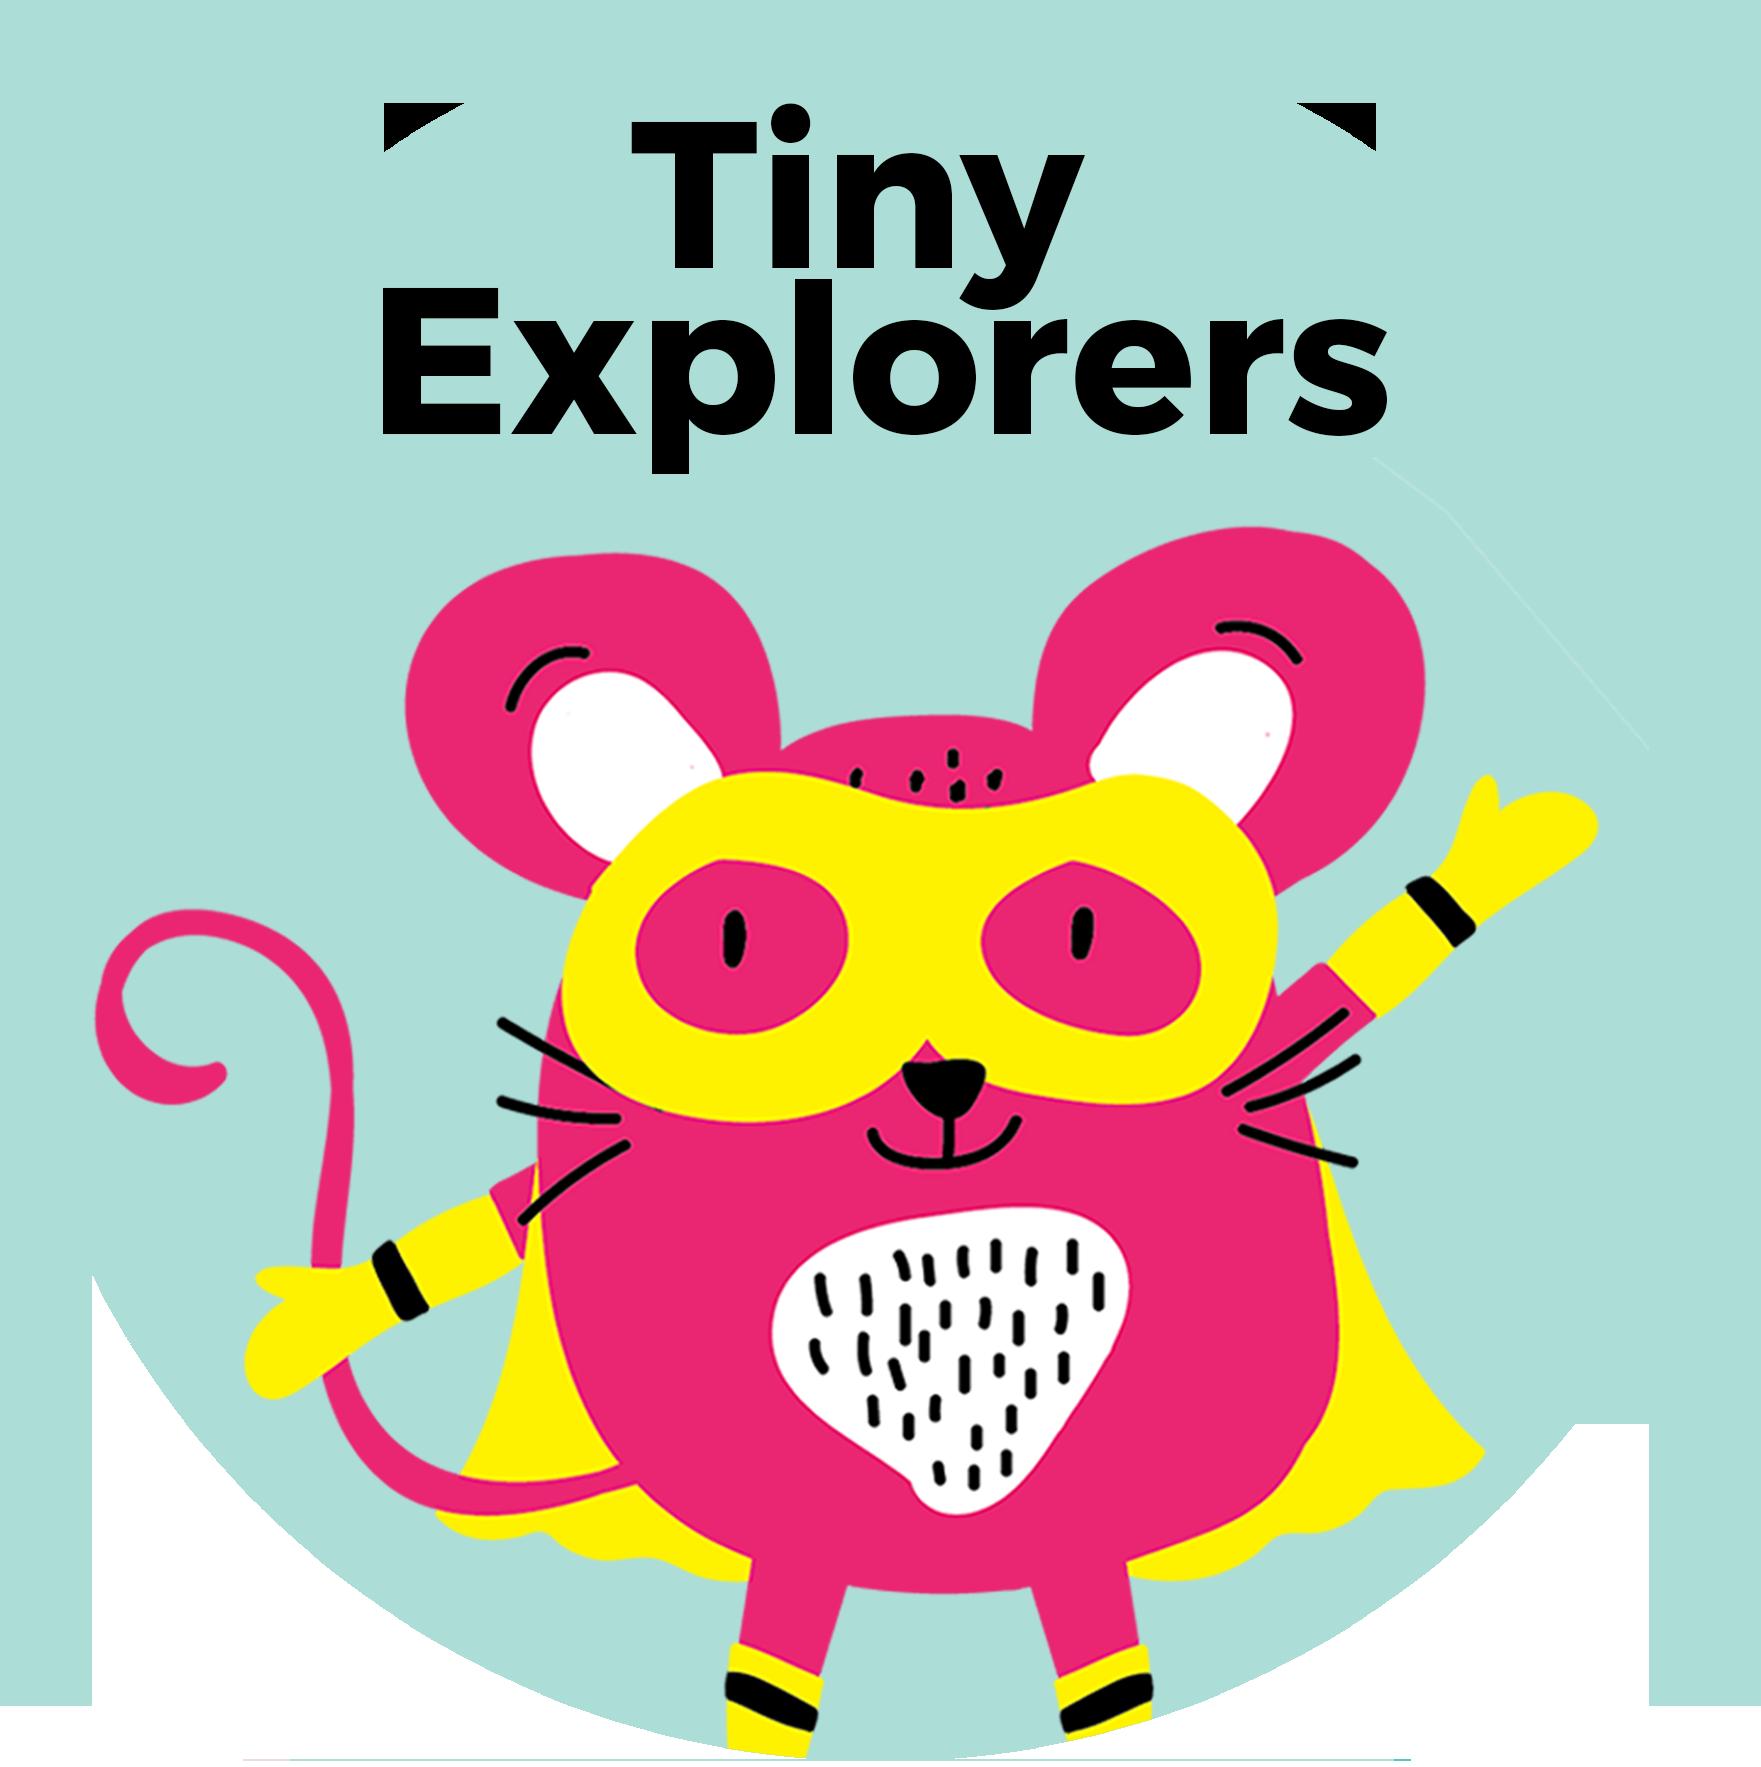 Tiny Explorers (3).png